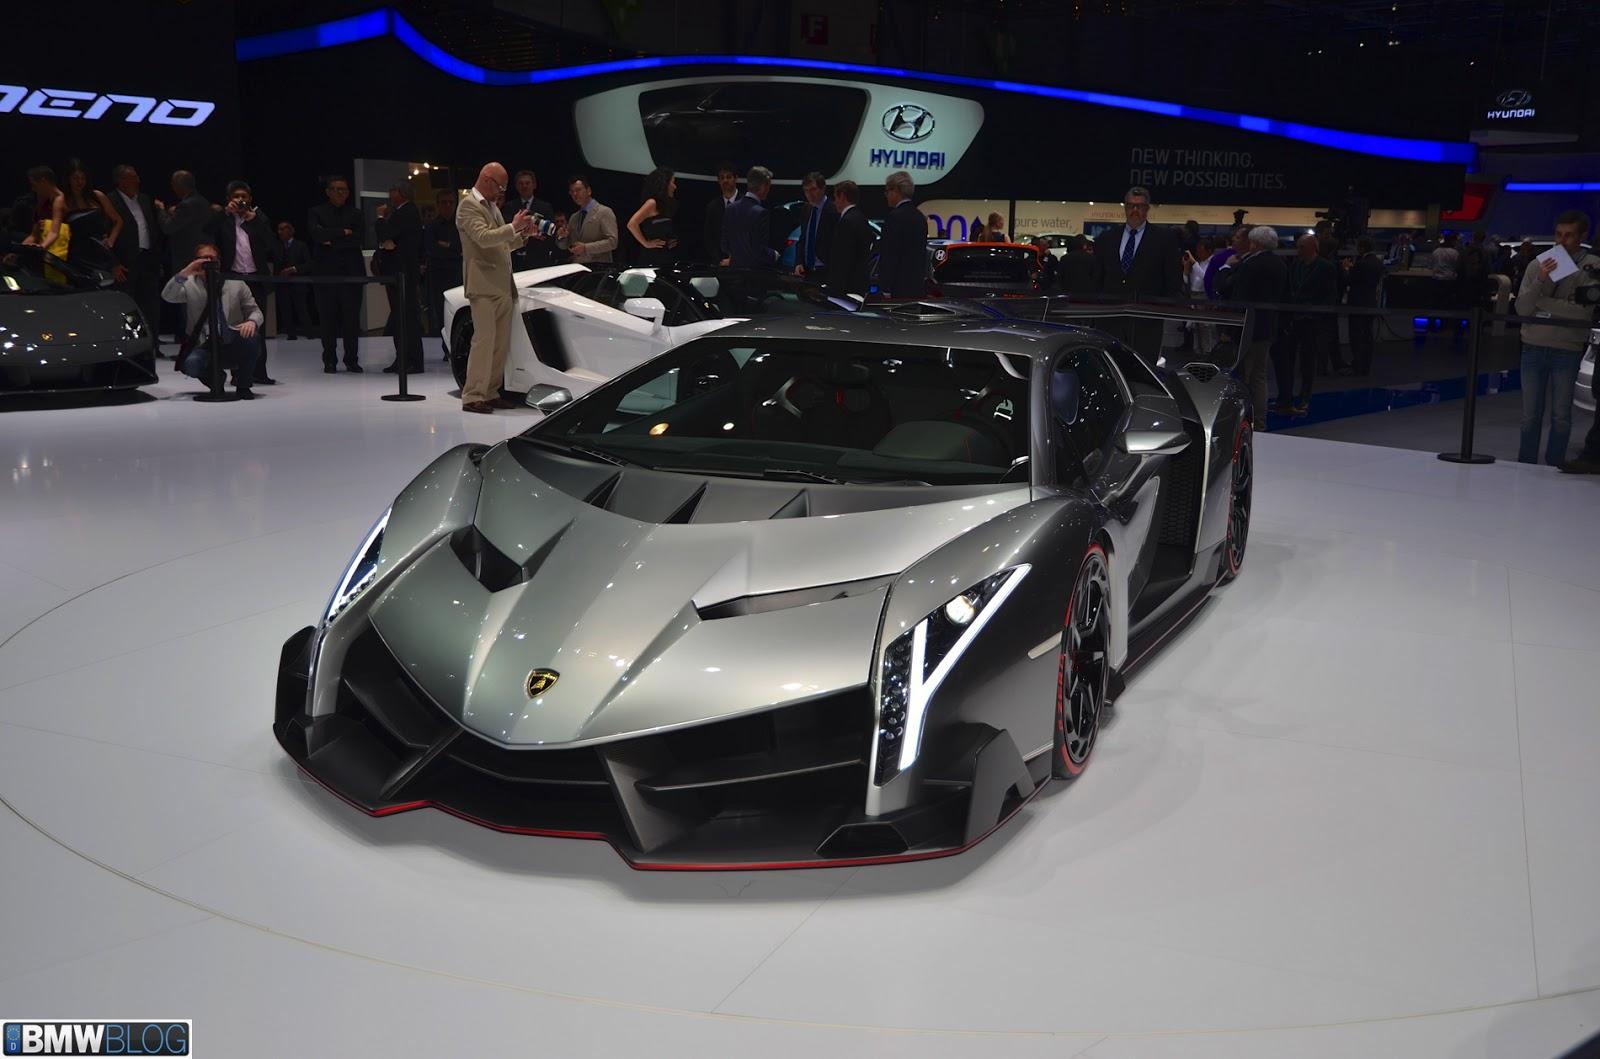 Price Lamborghini Reventon Idee D Image De Voiture